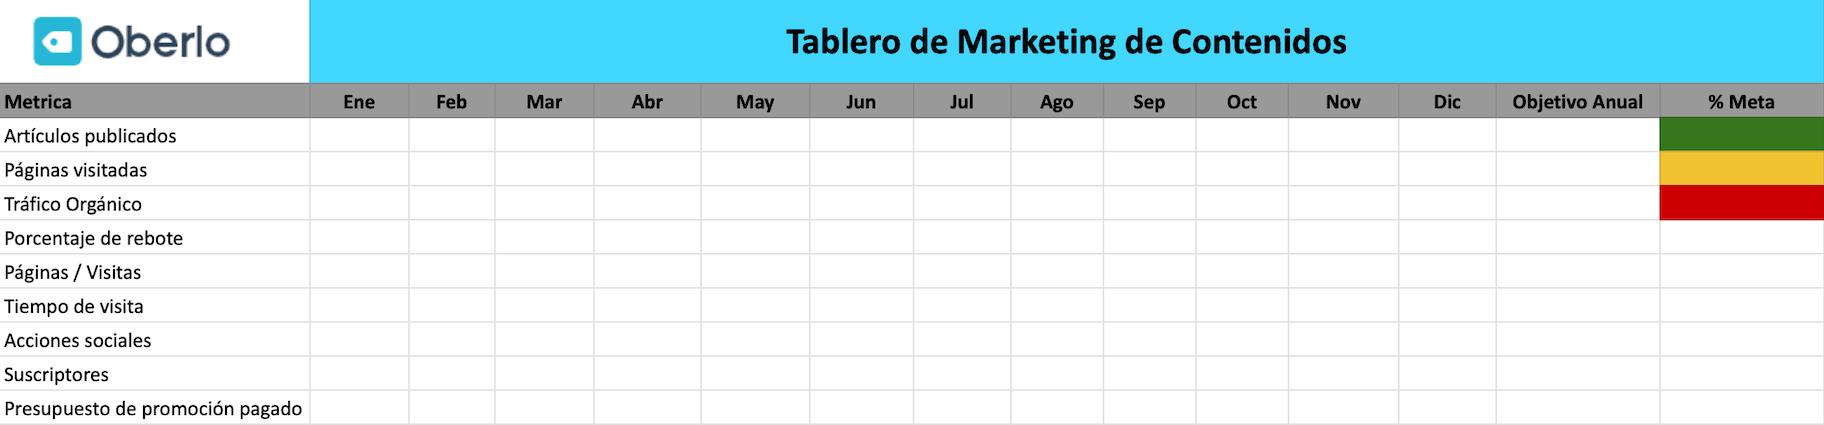 tablero de marketing de contenidos